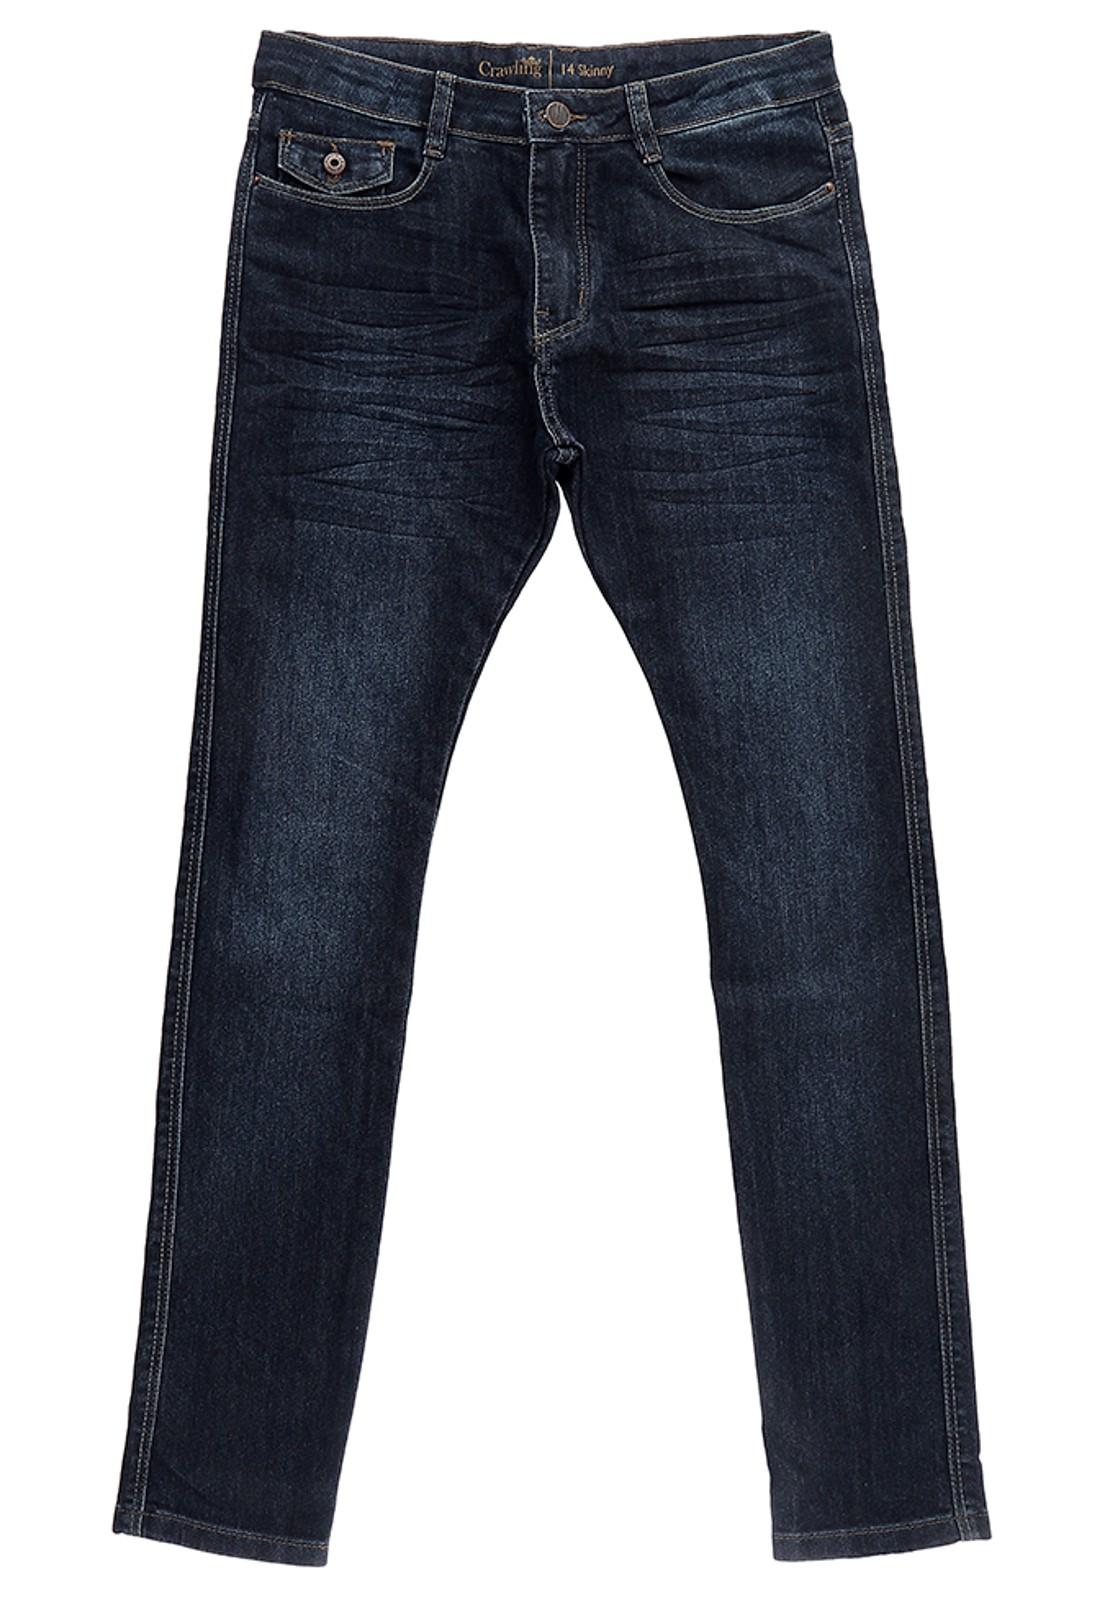 Calça Masculina Jeans Crawling Skinny